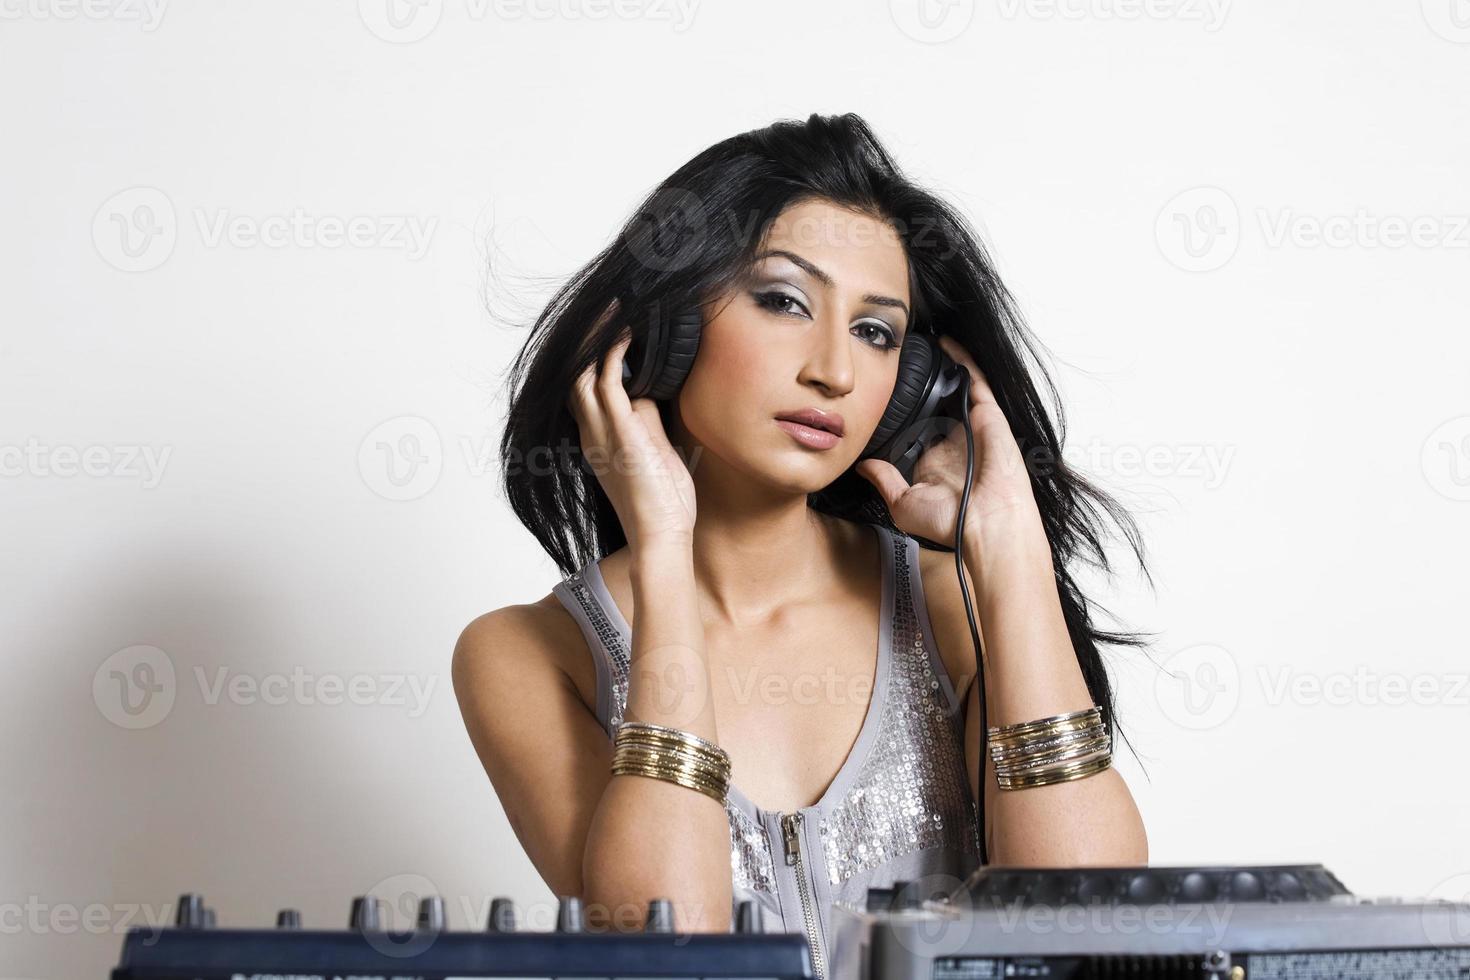 vrouwelijke dj foto